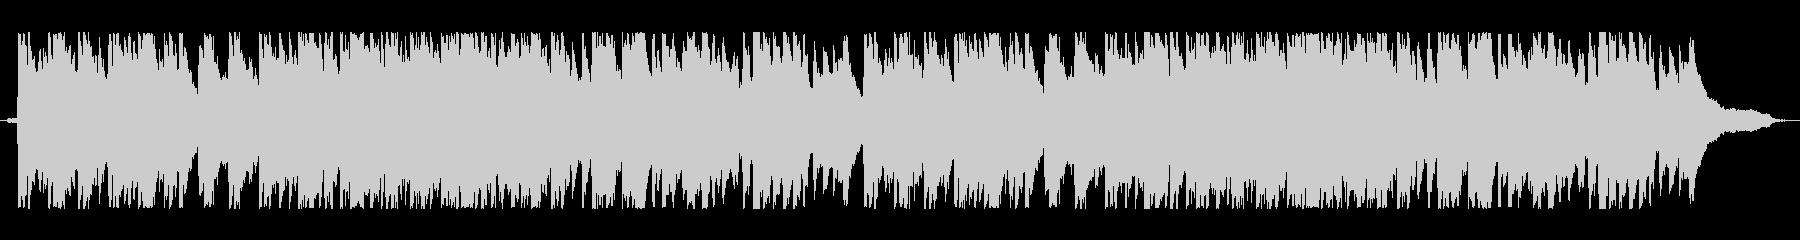 やさしい3拍子の不思議なピアノソロの未再生の波形